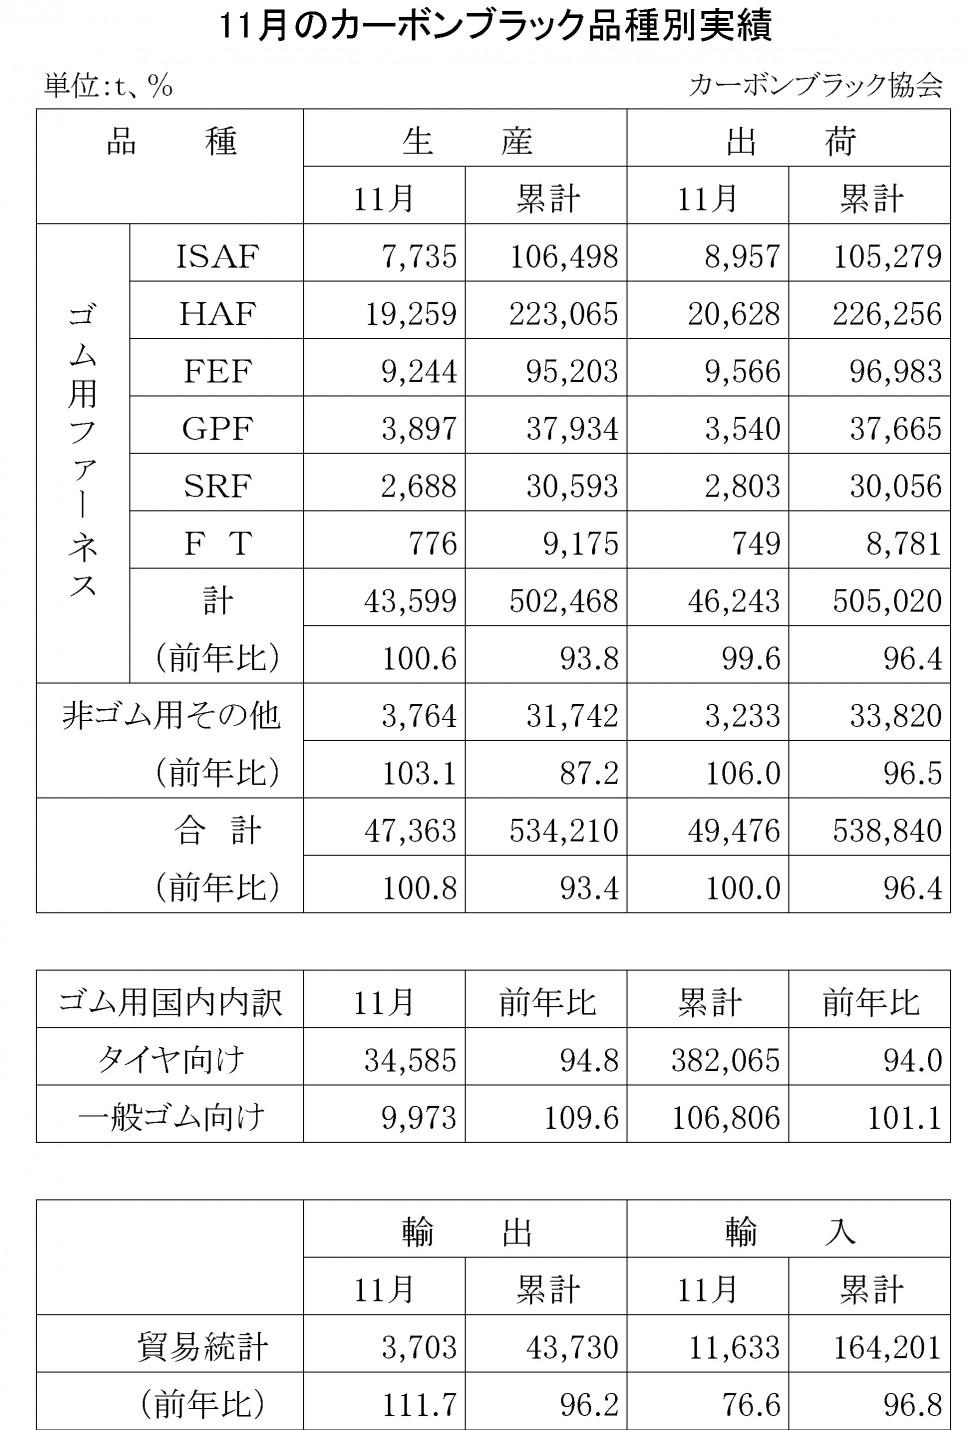 12-2015-11月のカーボンブラック品種別実績